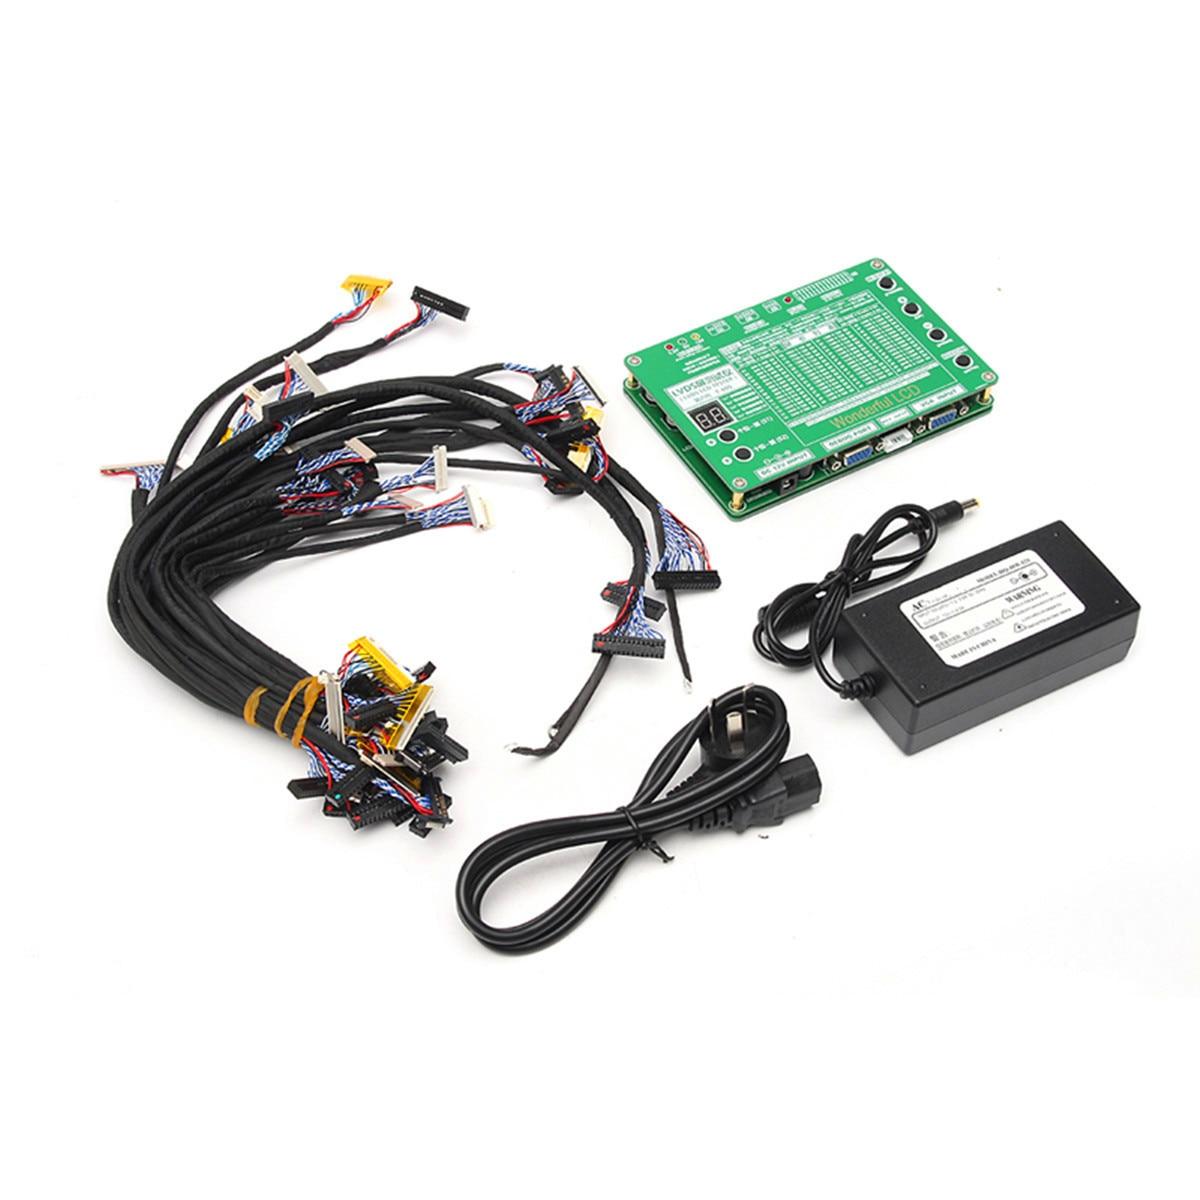 Новый LED ЖК-дисплей Экран Панель тестер инструмент для ТВ ноутбук Ремонт + 29 шт. Экран кабели + Мощность адаптер